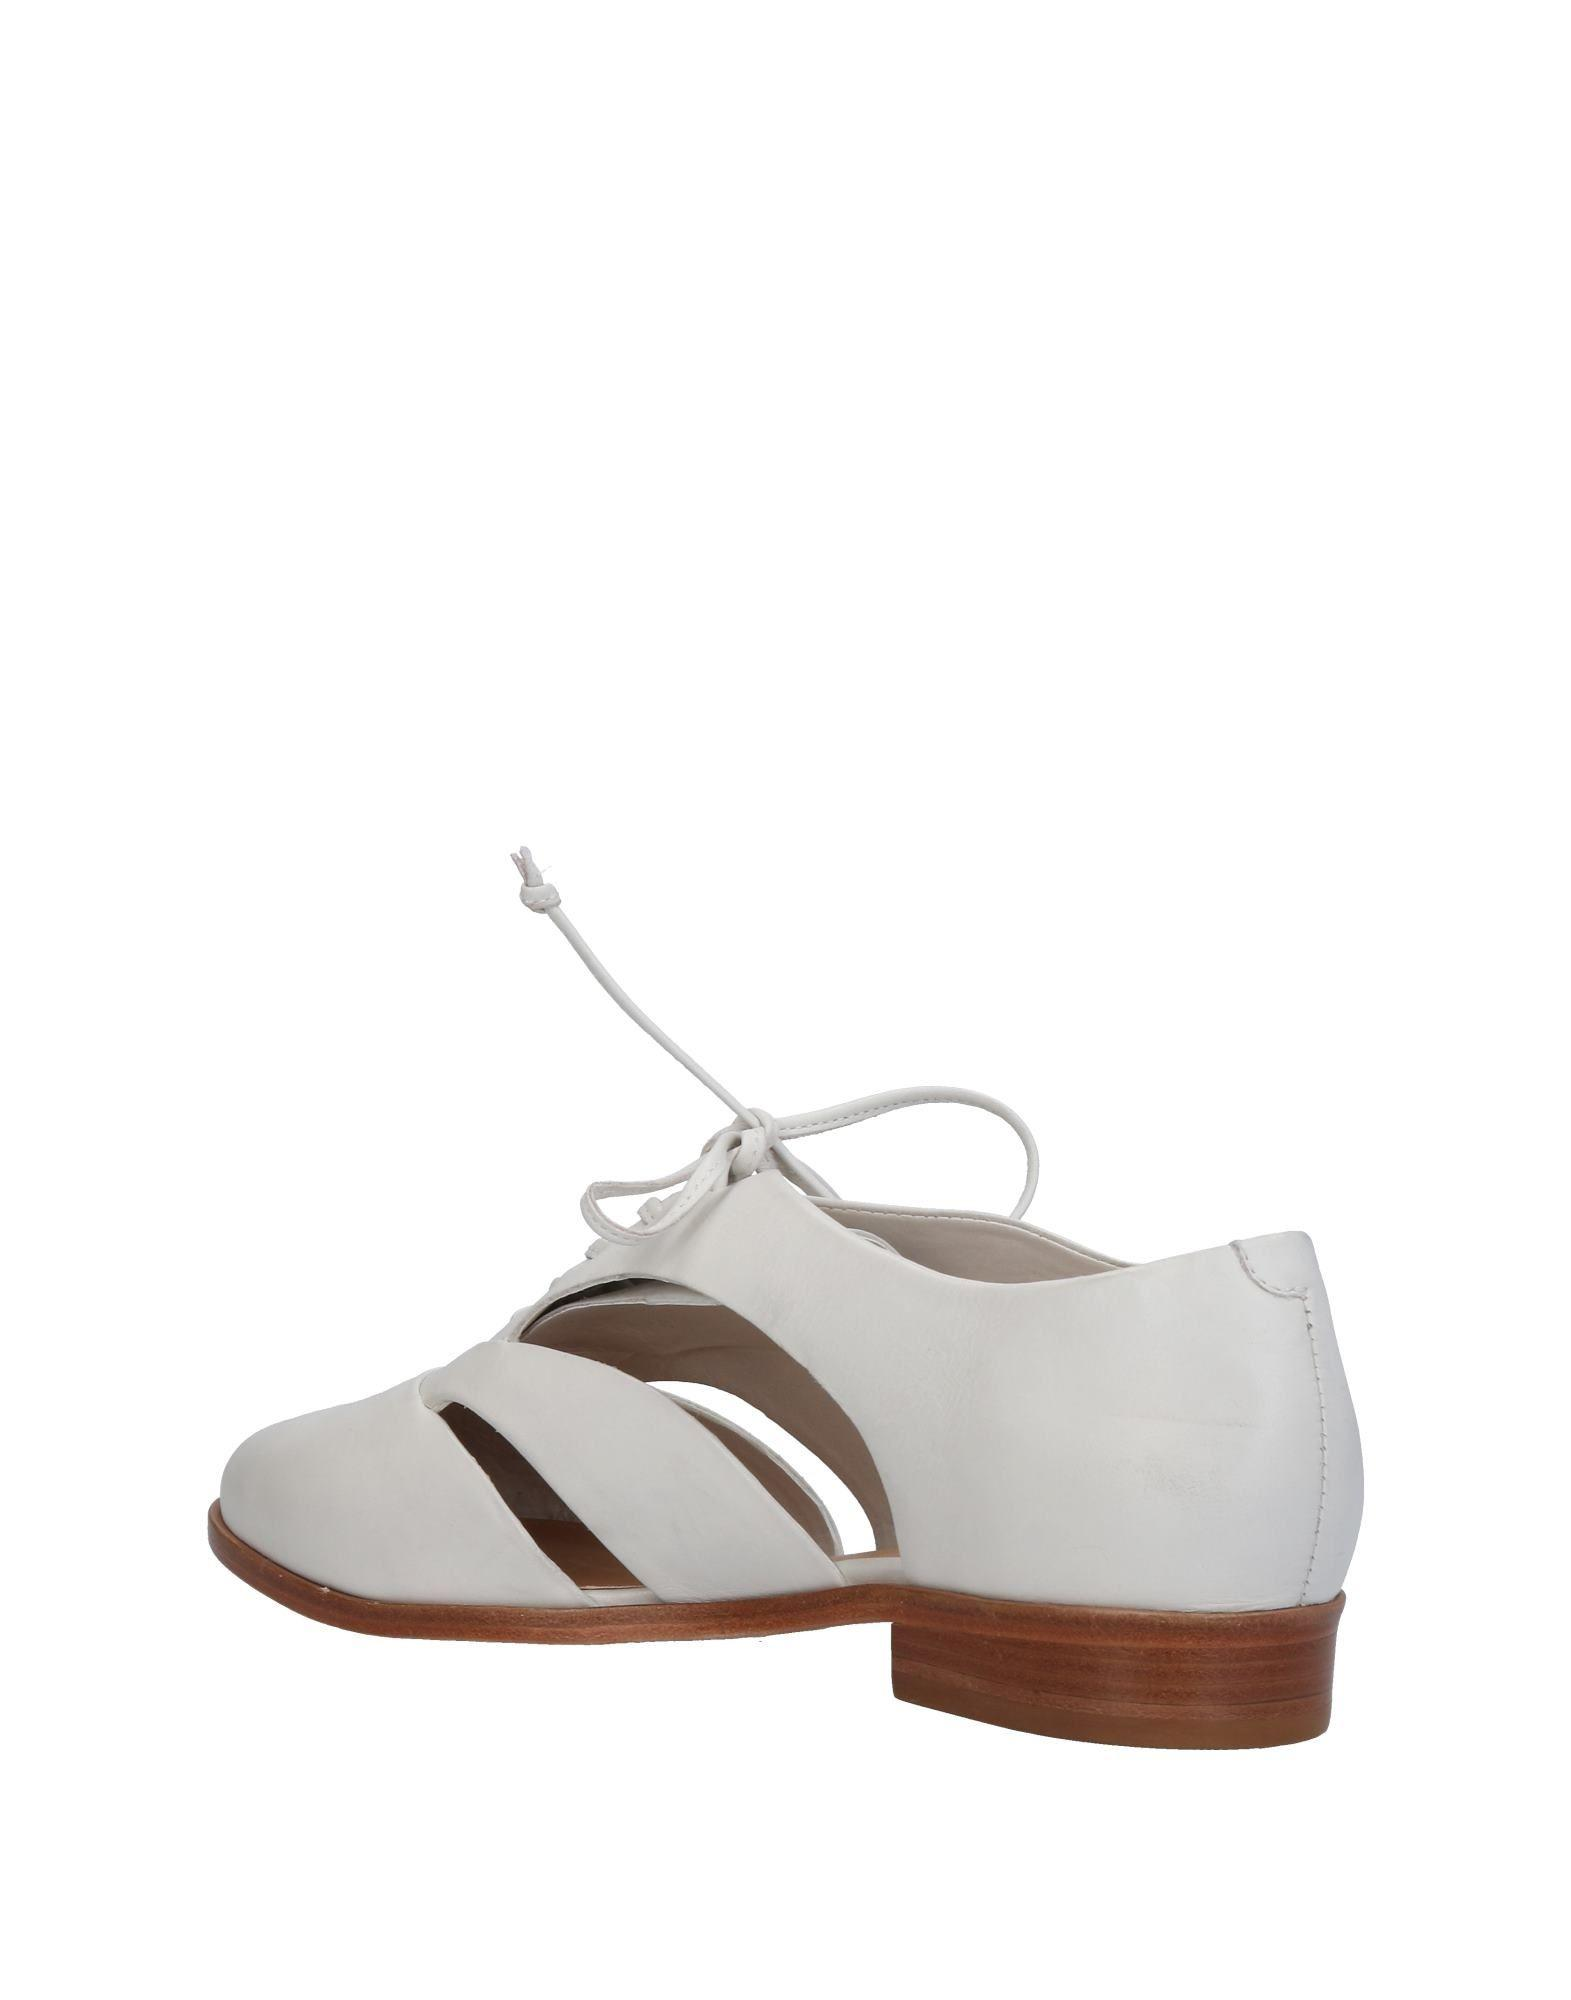 Lyst - Chaussures à lacets Schutz en coloris Blanc e32b0b25e86d